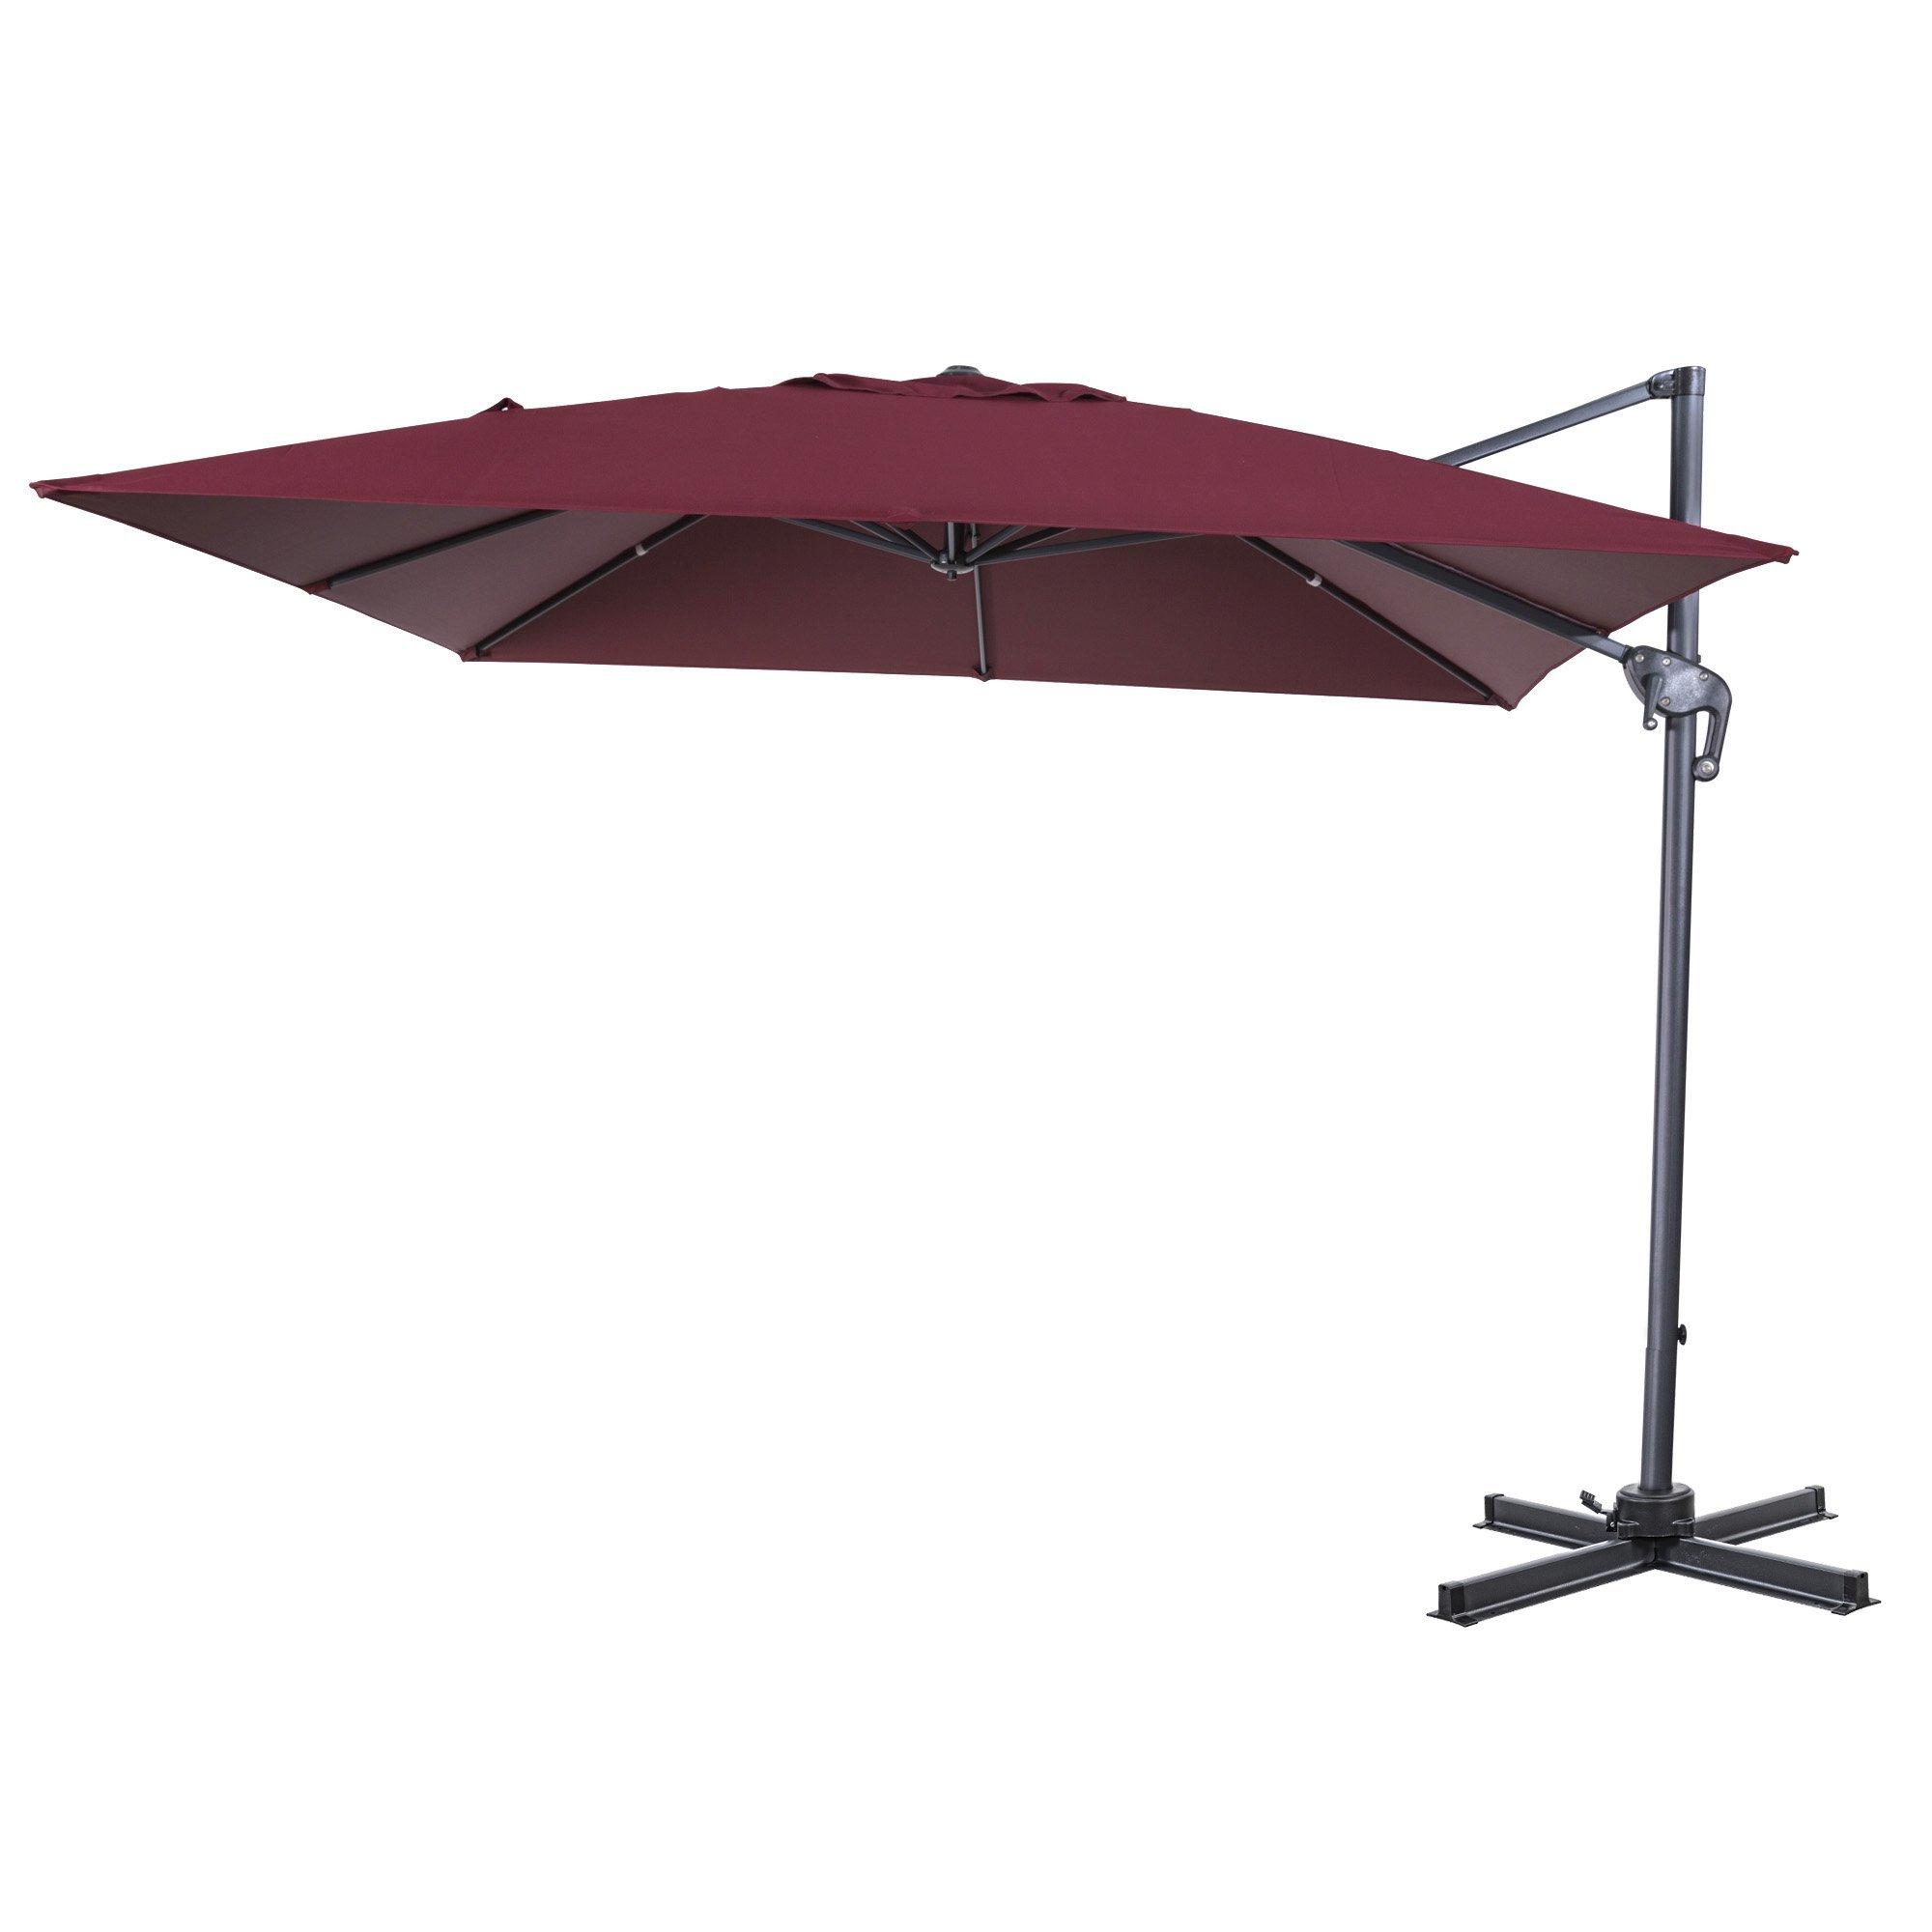 Elmhur Patio Offset 10' Cantilever Umbrella With 2019 Cockermouth Rotating Cantilever Umbrellas (Gallery 13 of 20)